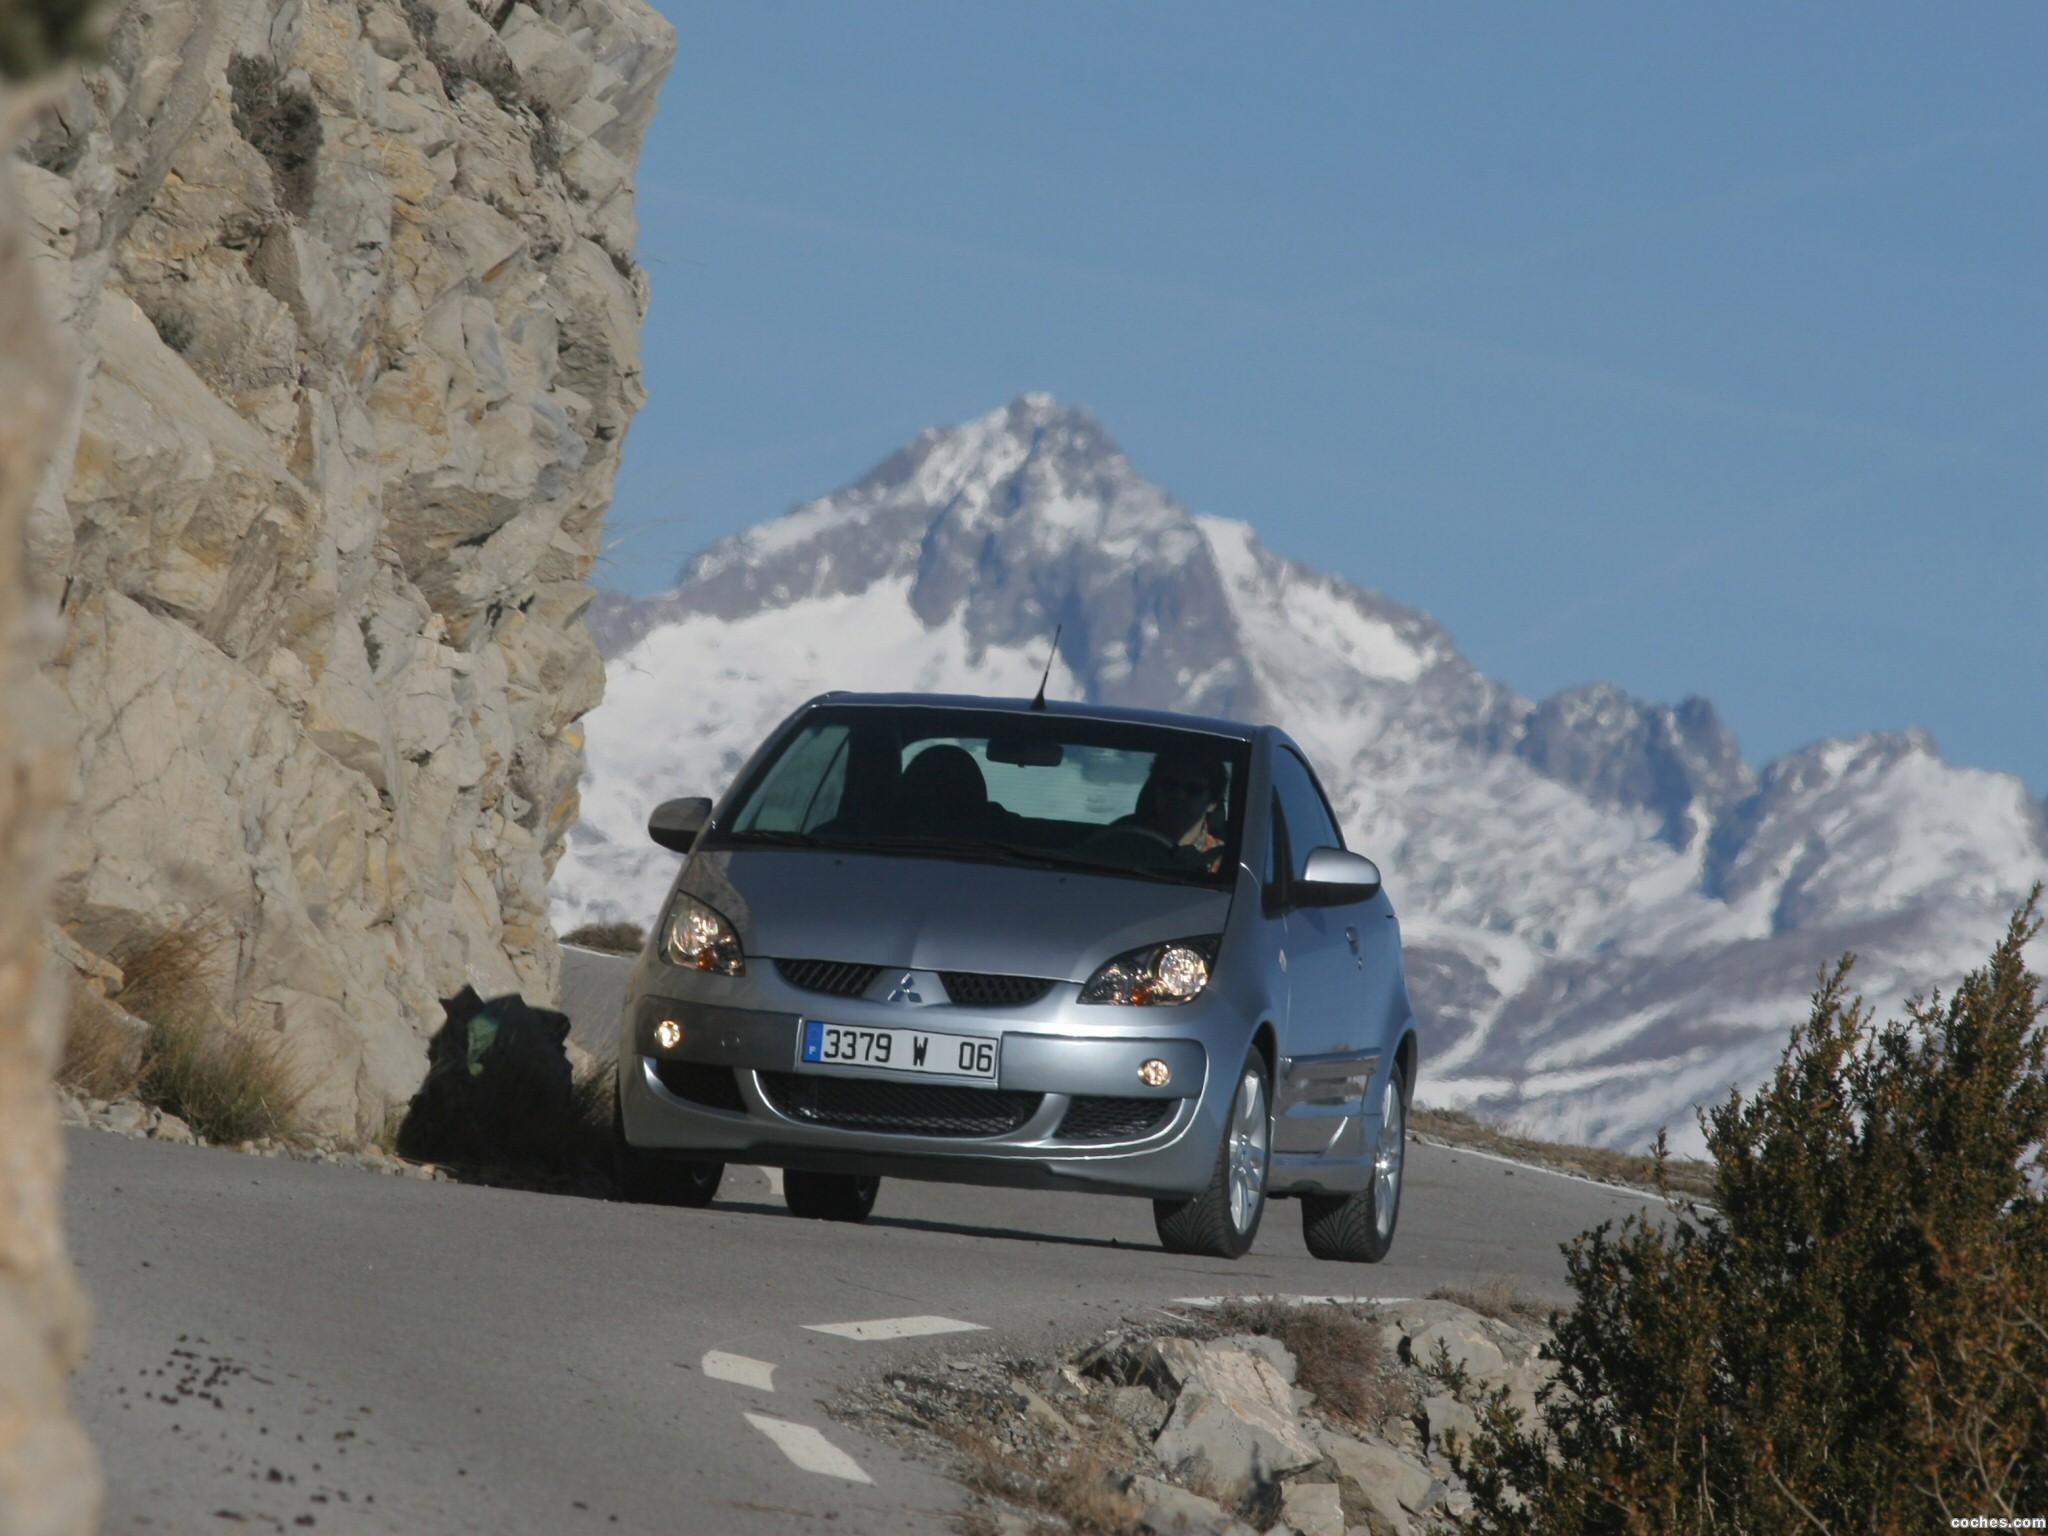 Foto 11 de Mitsubishi Colt CZC Cabrio Turbo 2006